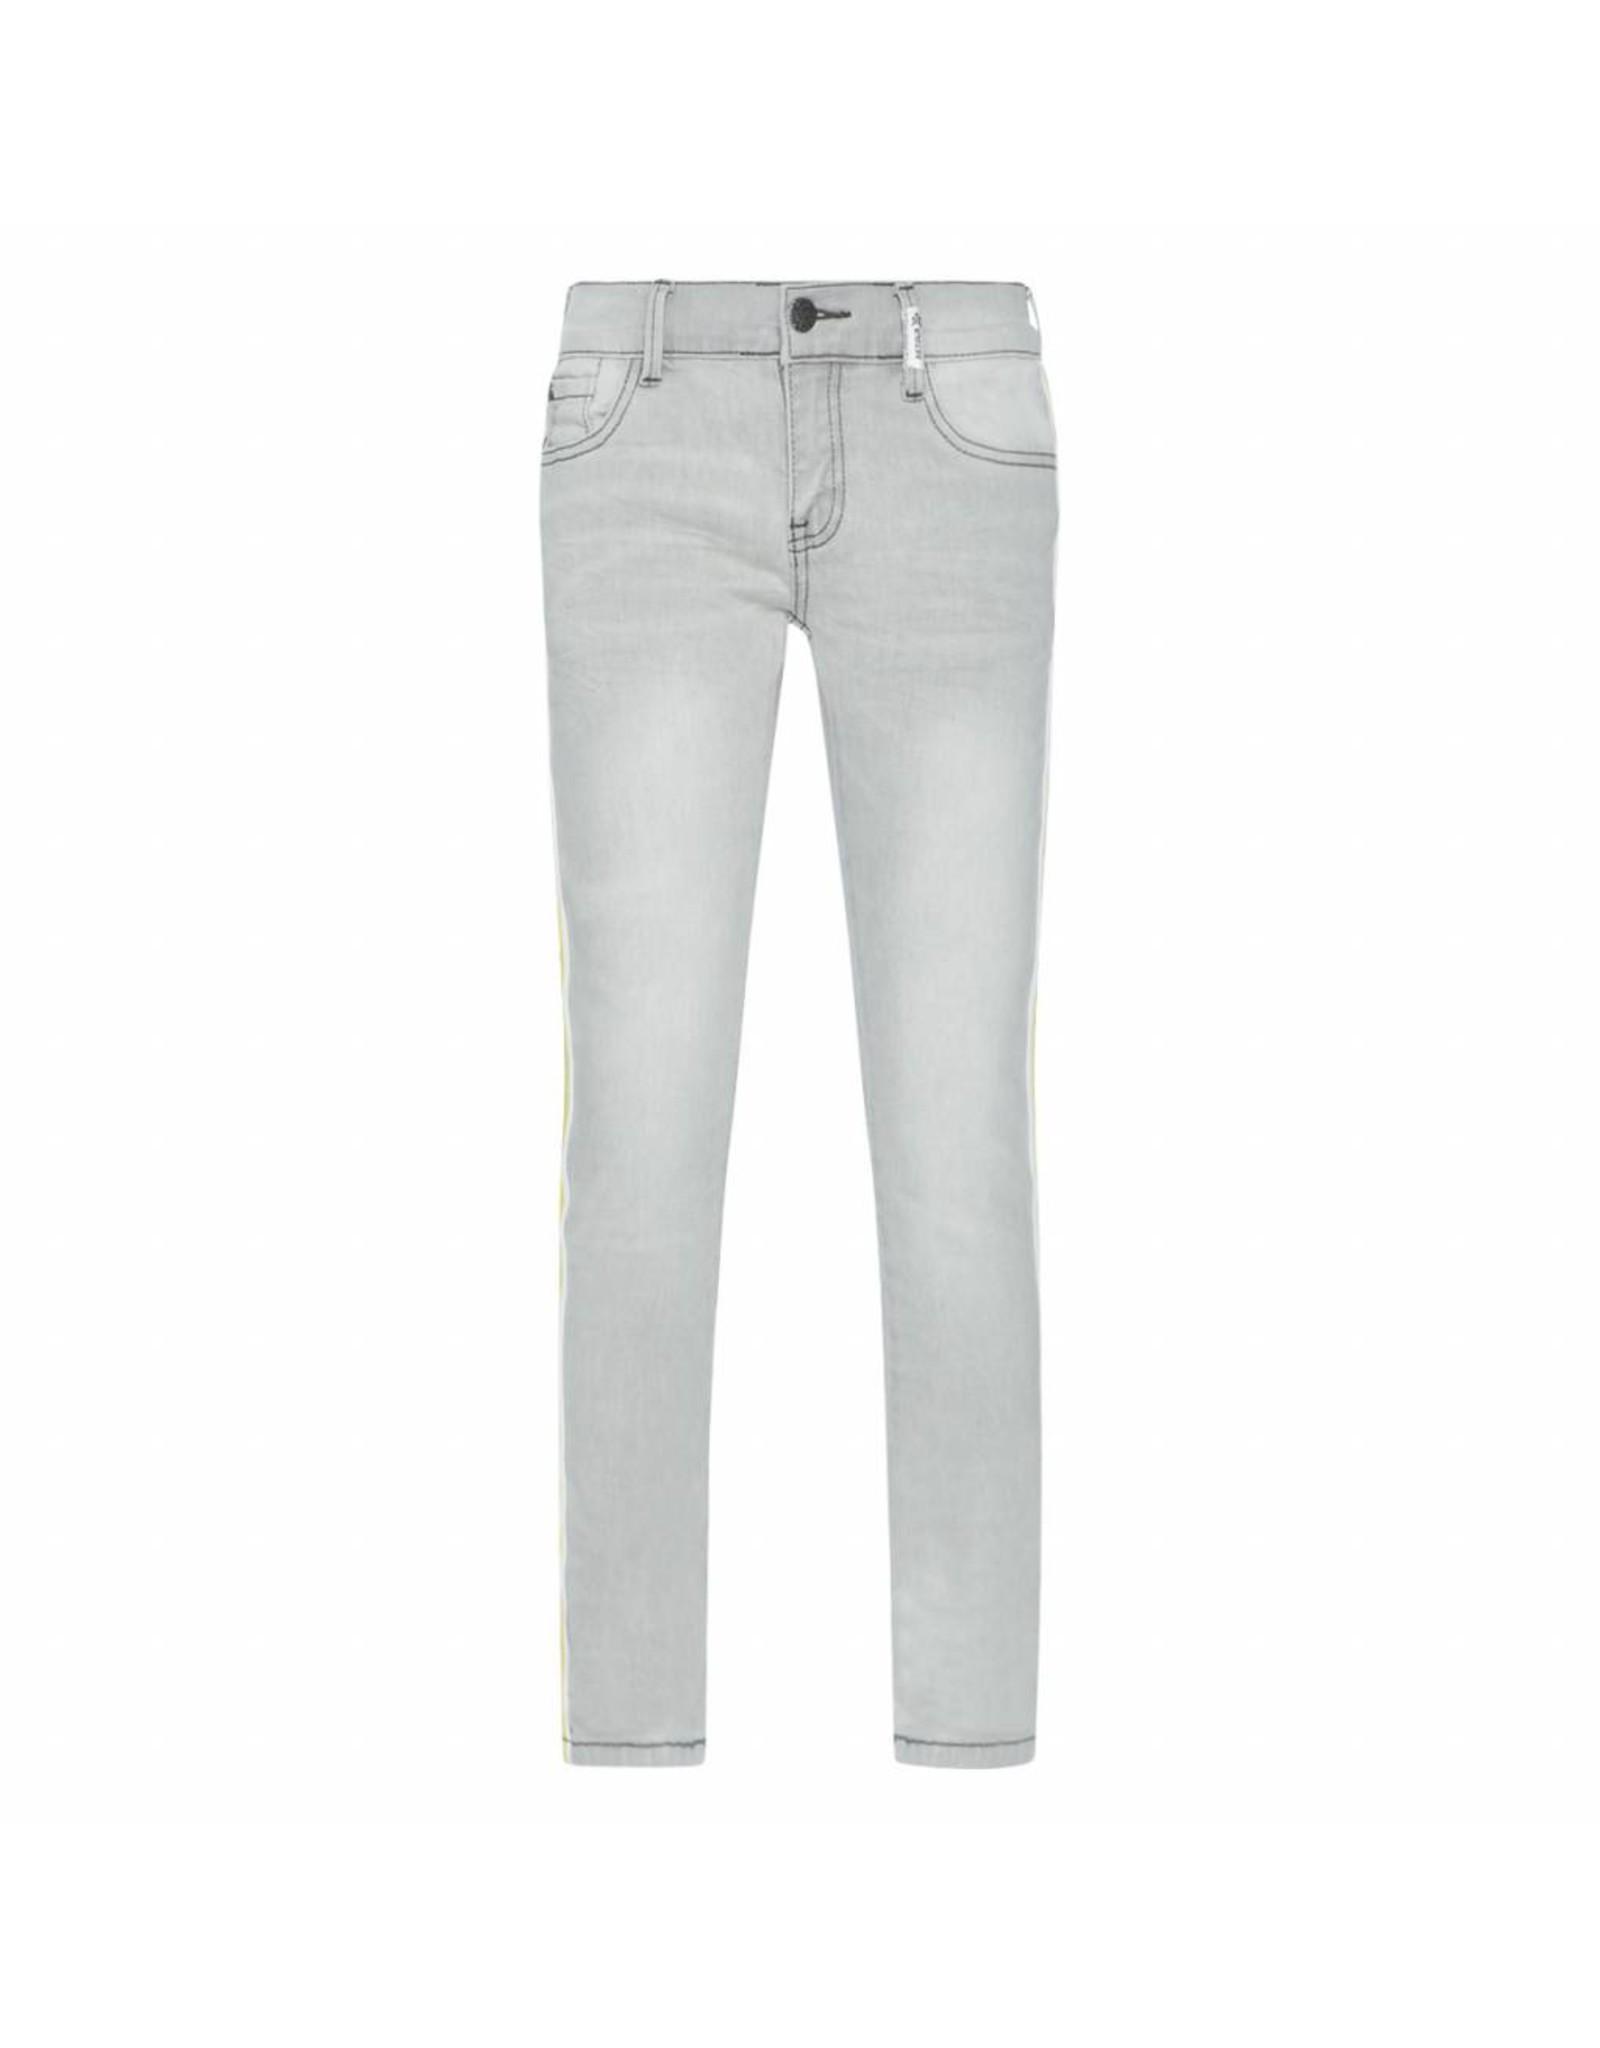 RETOUR RETOUR meiden jeans Valentina